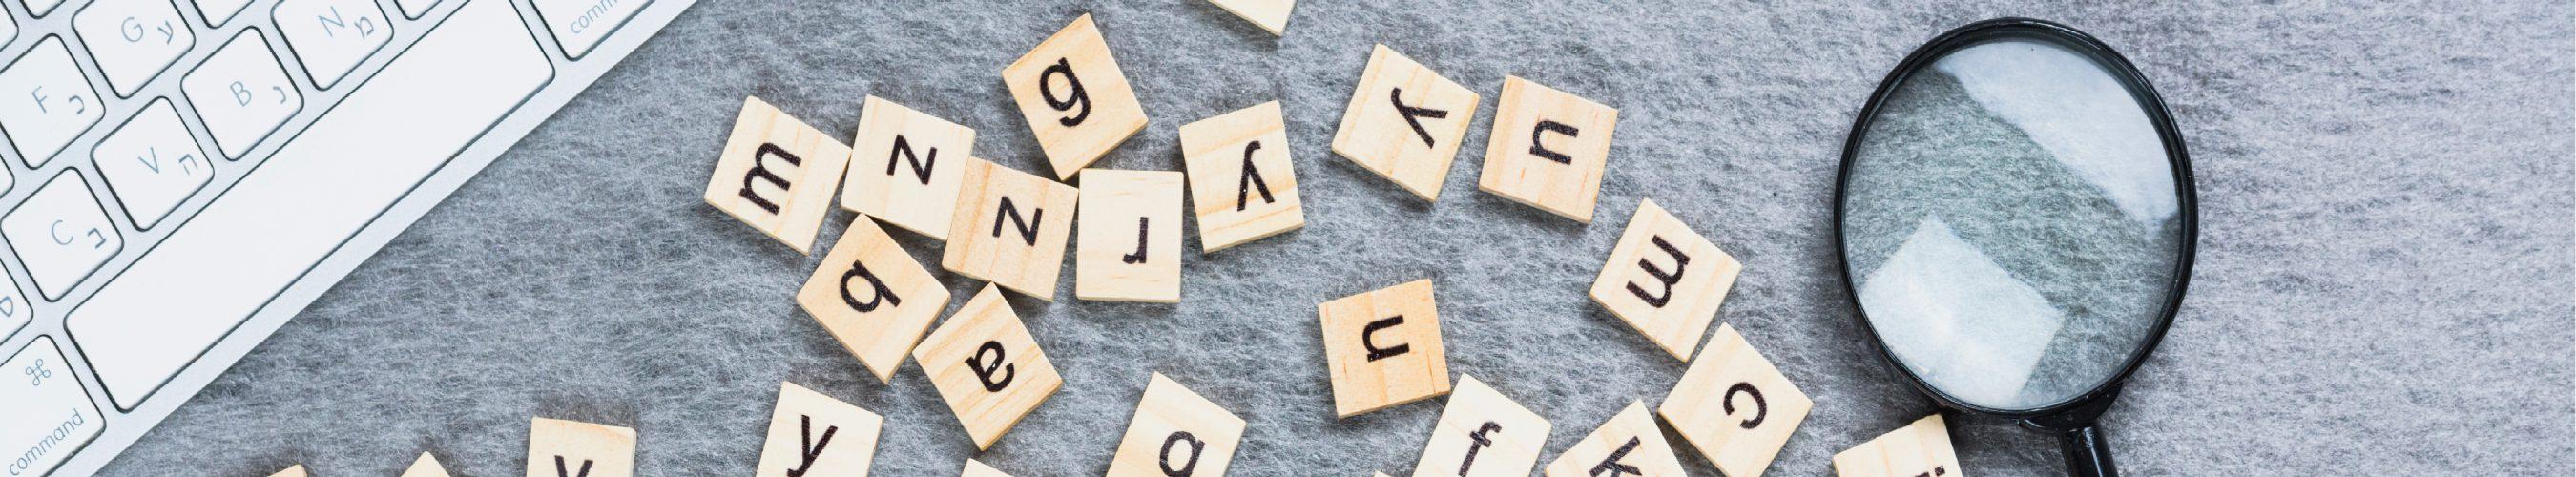 terminologia per la documentazione tecnica